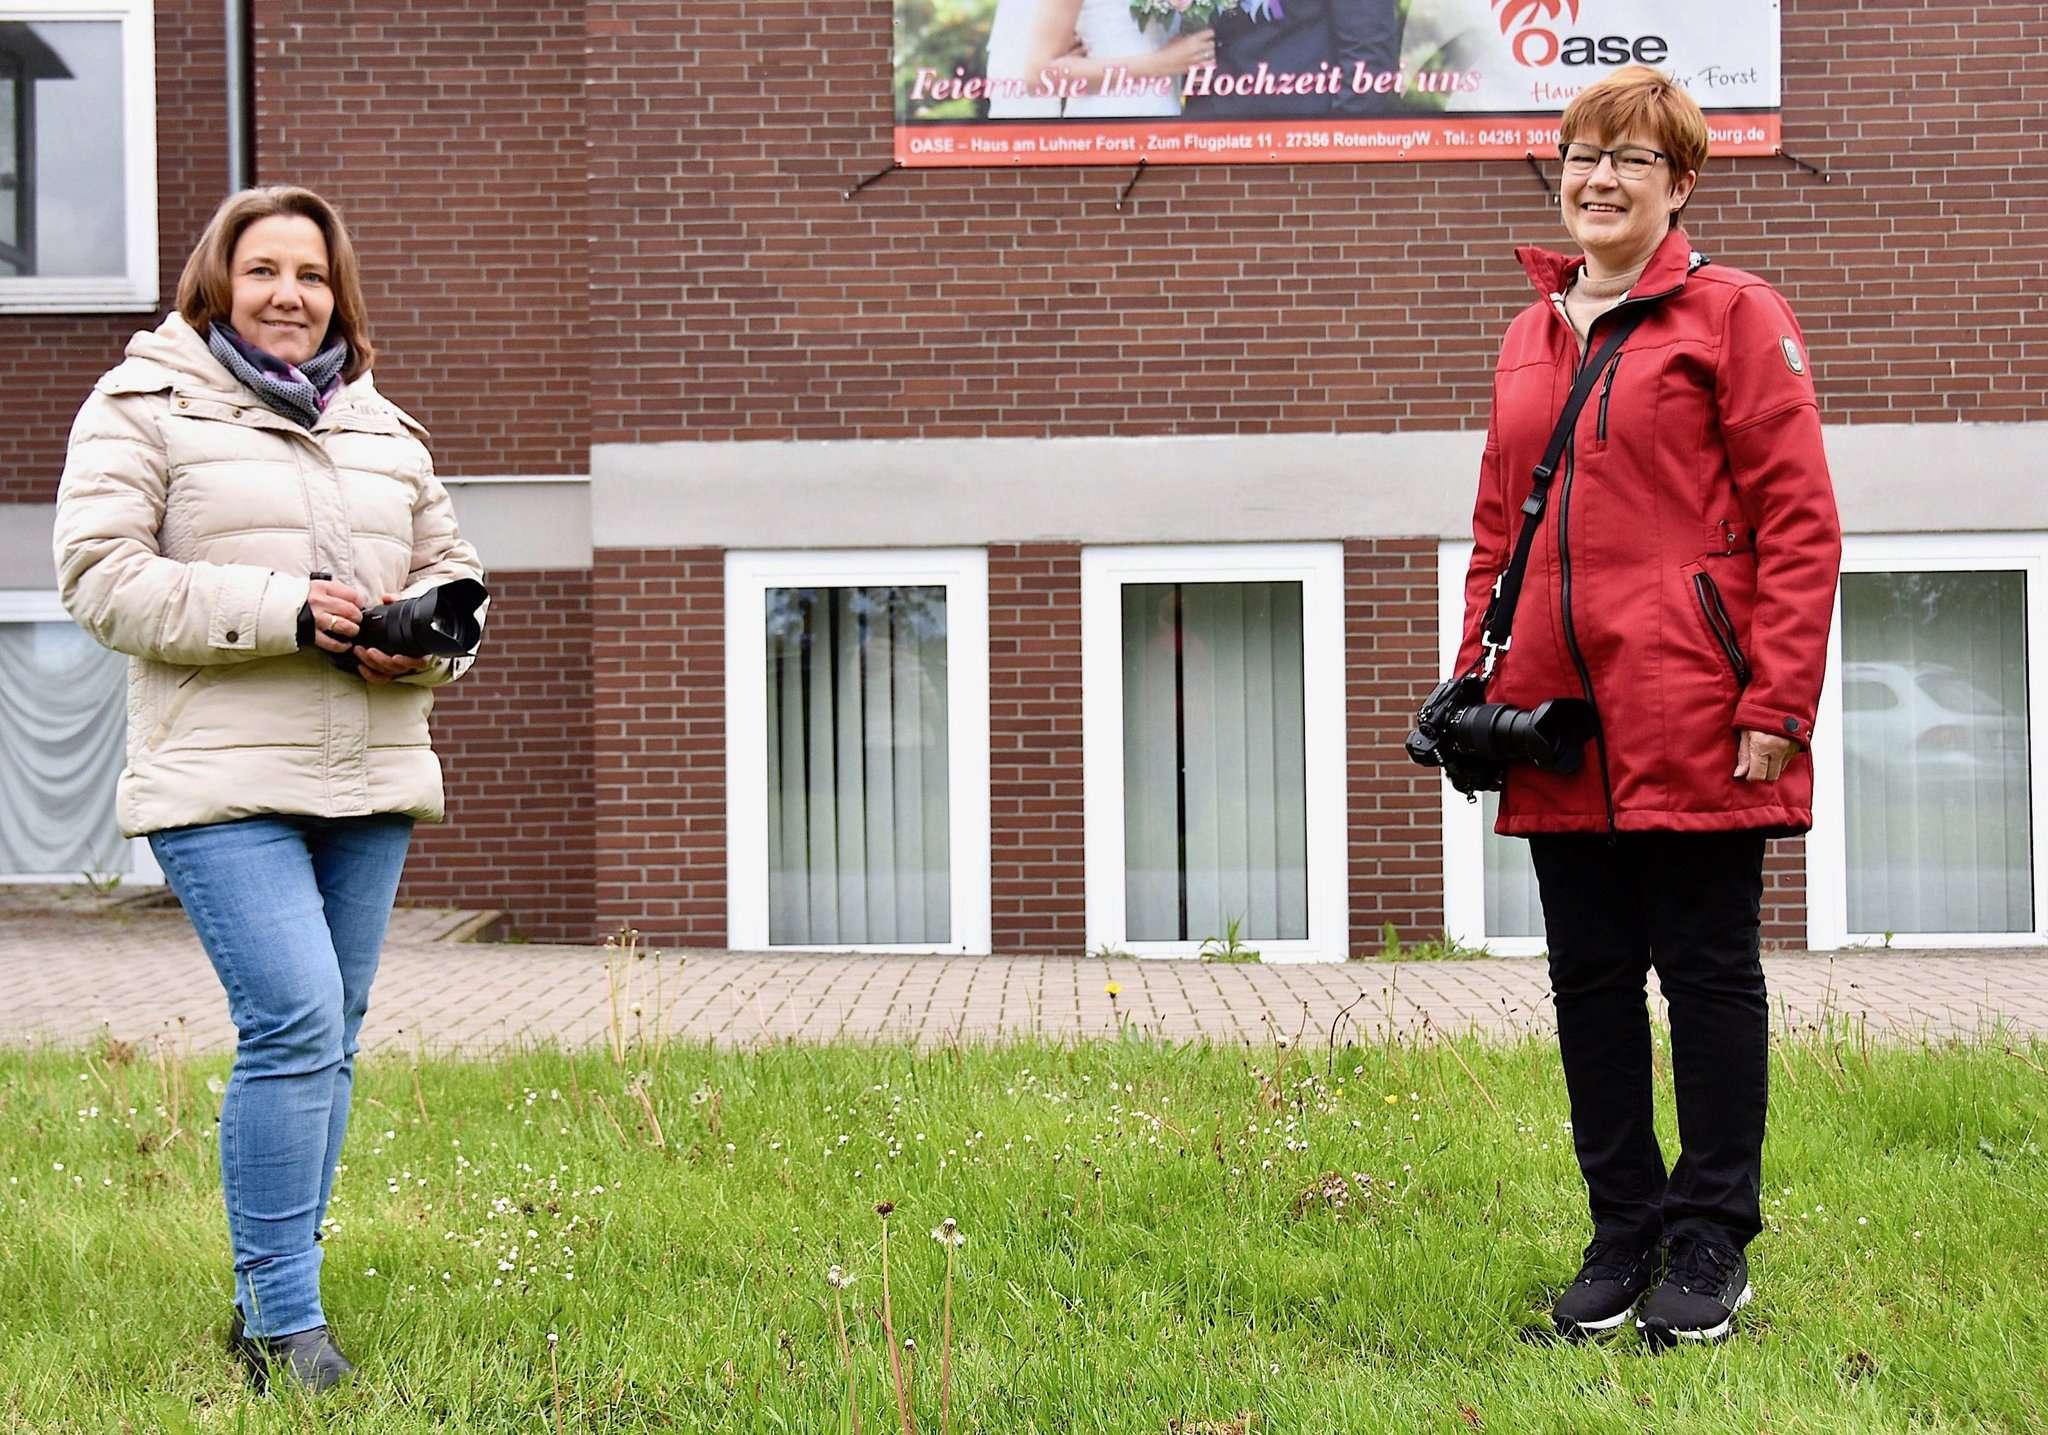 Jutta Frenzel und Christiane Rülicke freuen sich, wenn ein Treffen hier an der Oase endlich wieder machbar ist. Foto: Judith Tausendfreund